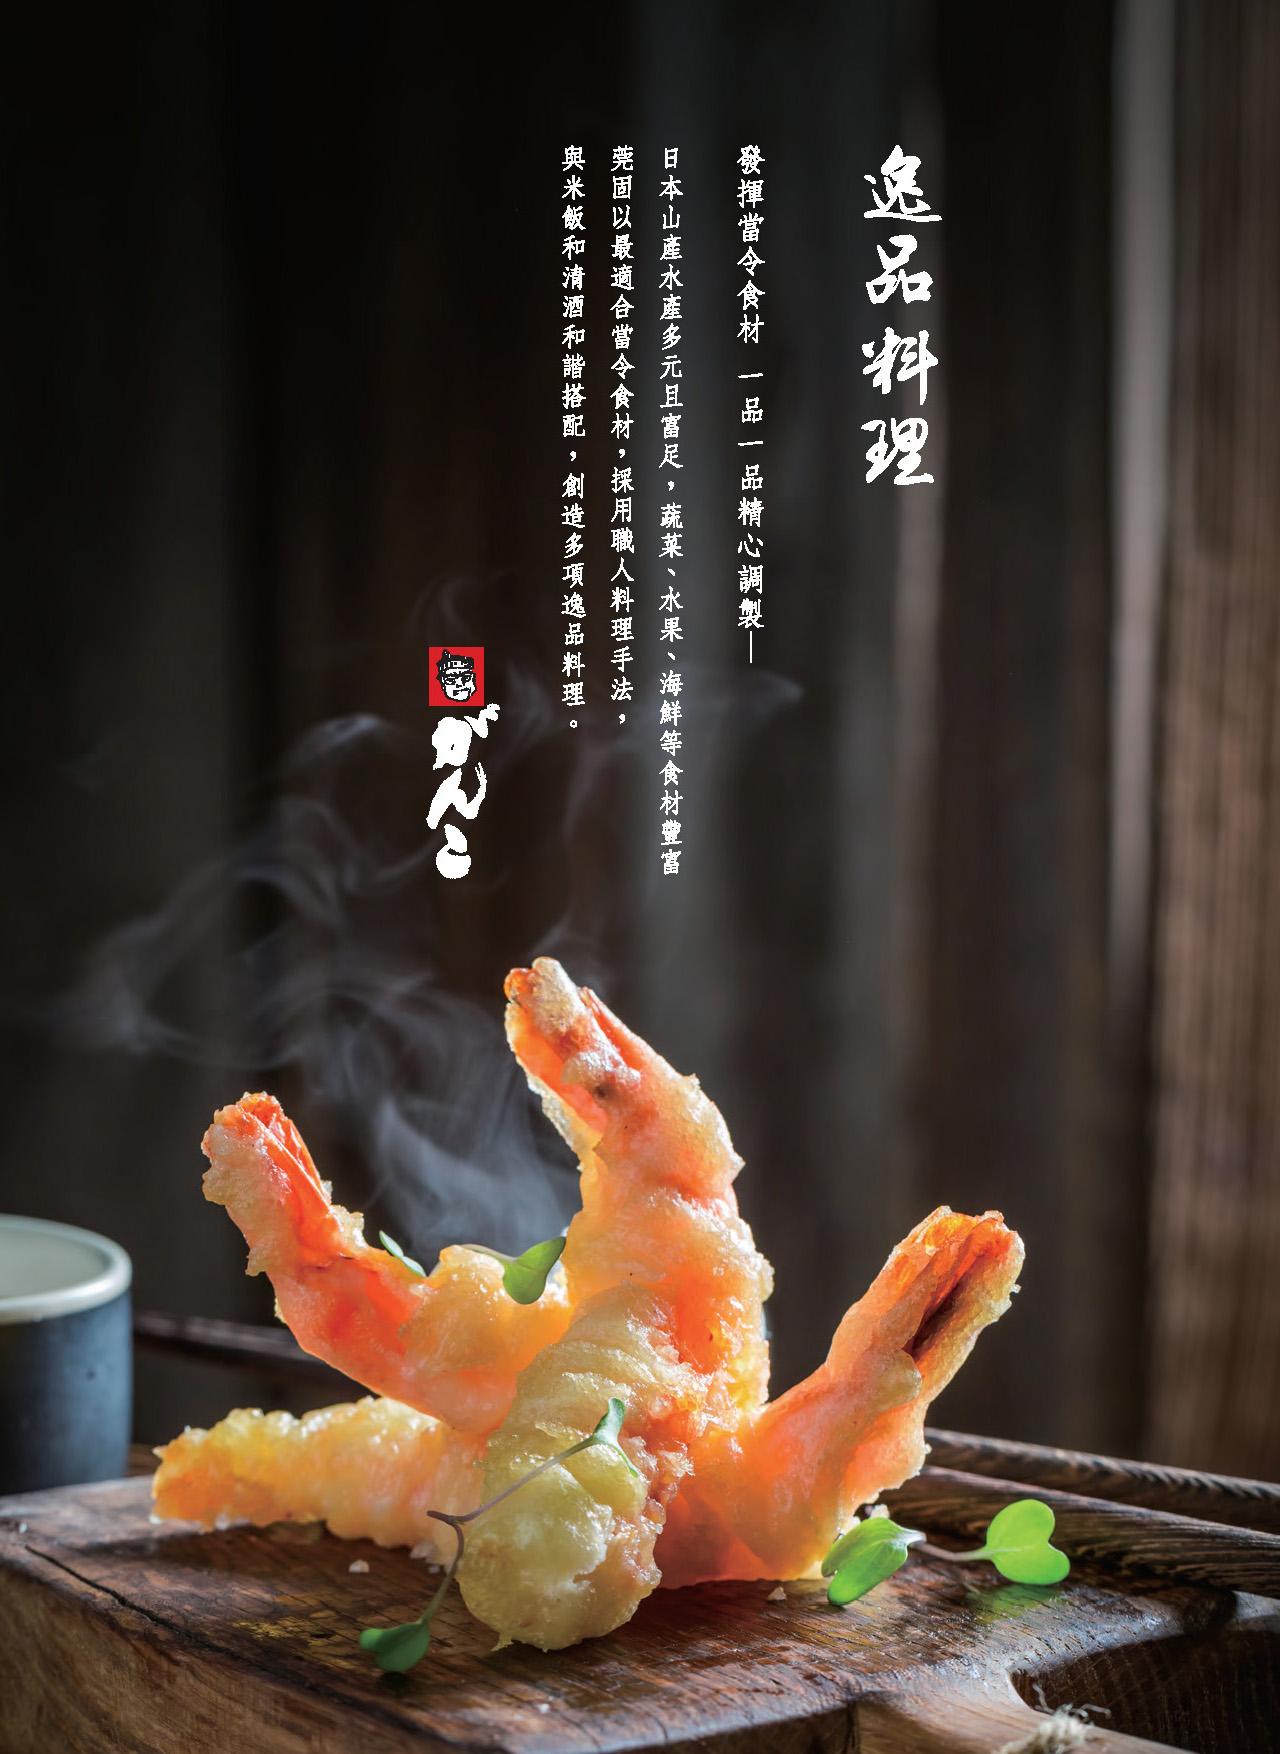 莞固和食 GANKO 台北大直店菜單 - 逸品料理